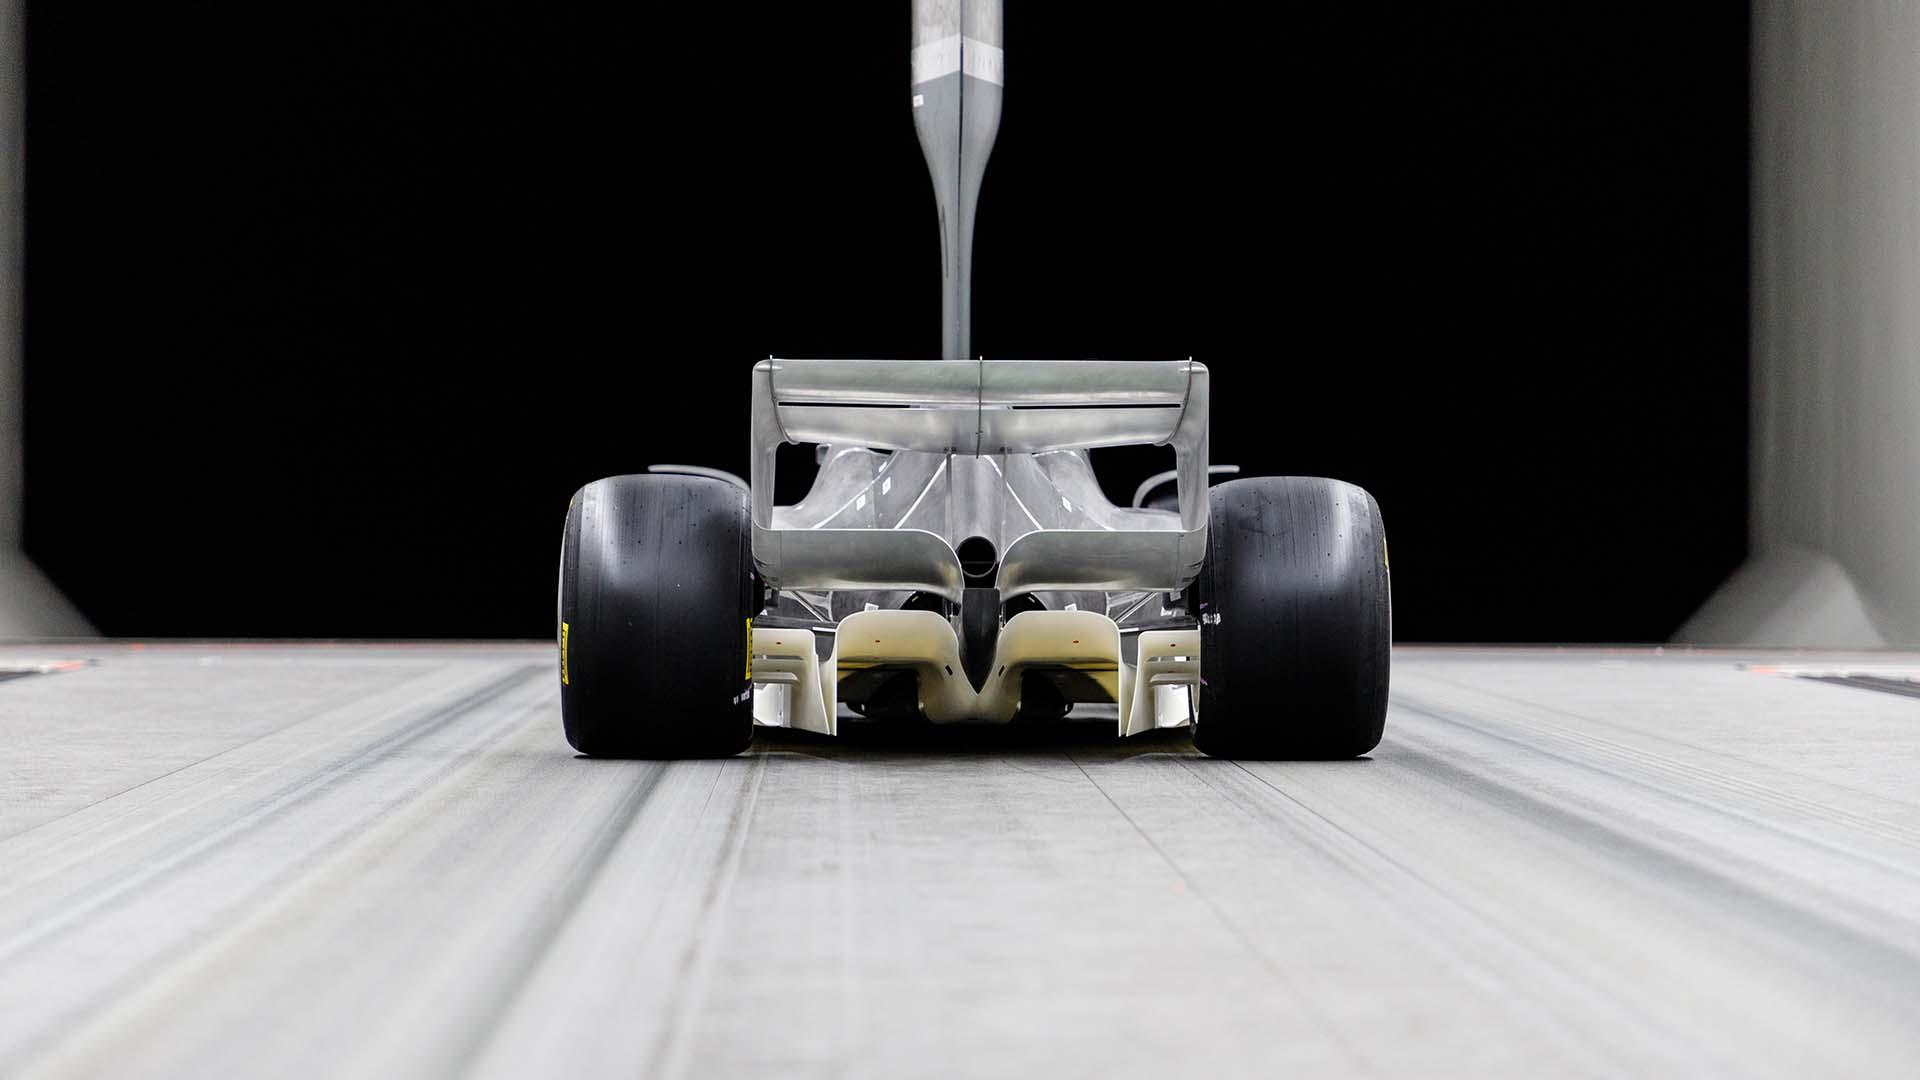 2021年F1マシン 風洞モデル⑤